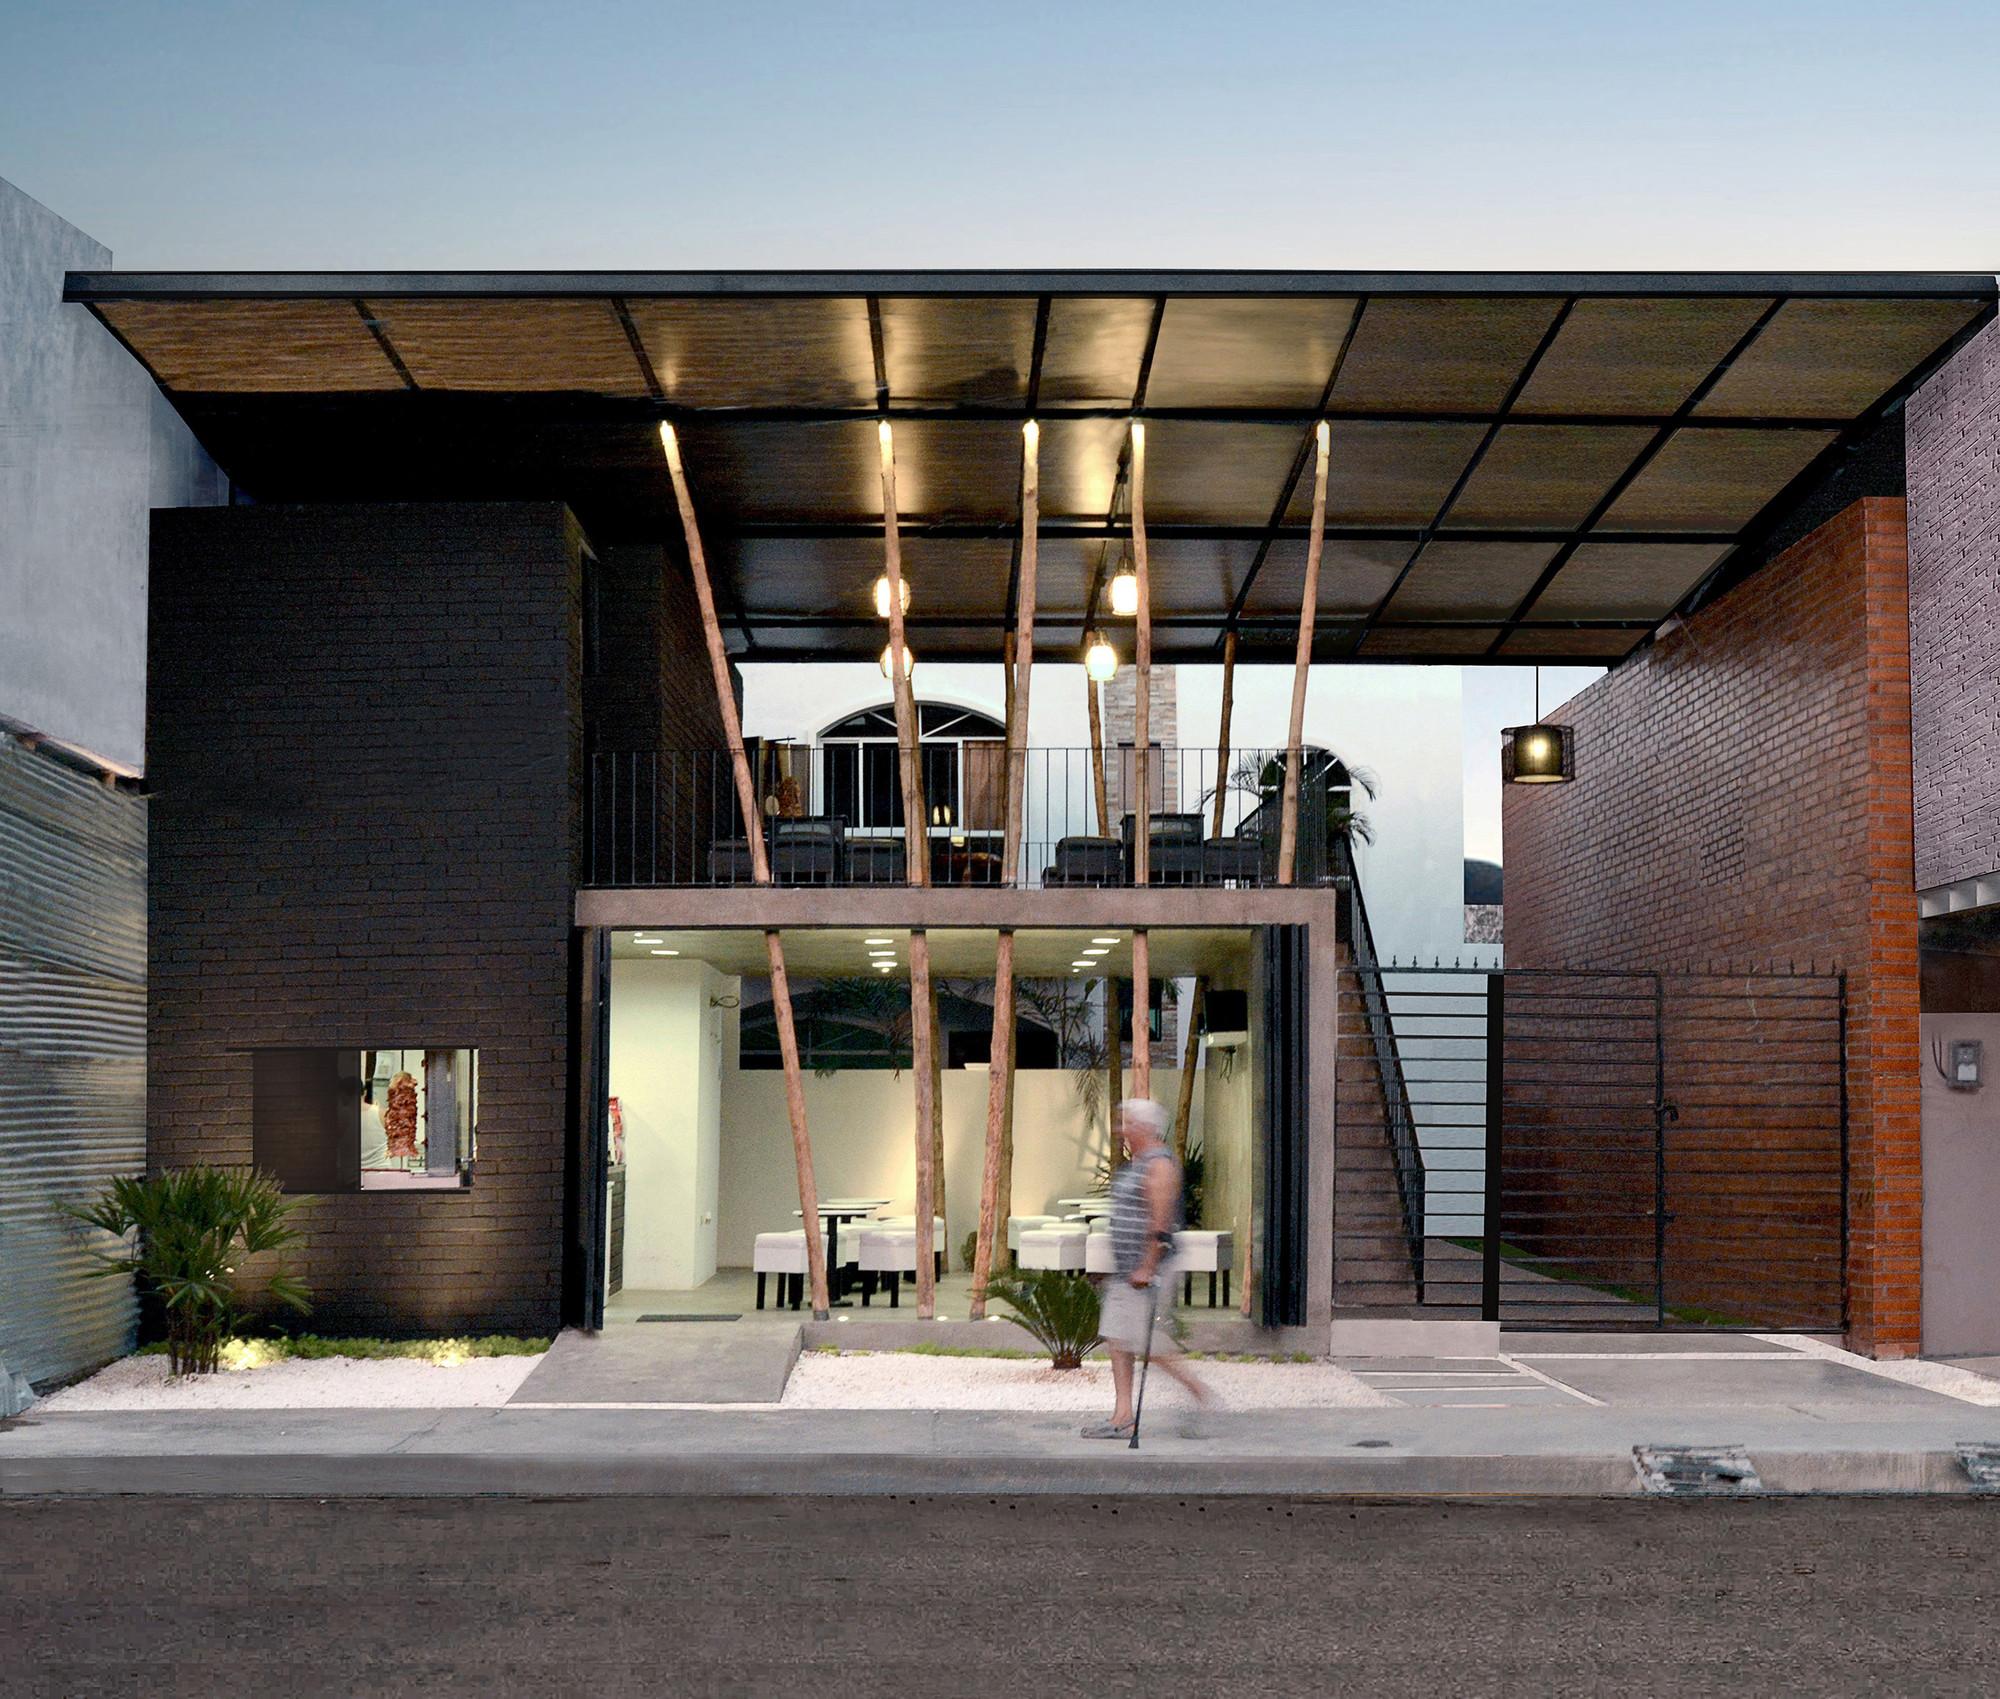 Restaurante don shawarma natura futura arquitectura for Restaurante arquitectura